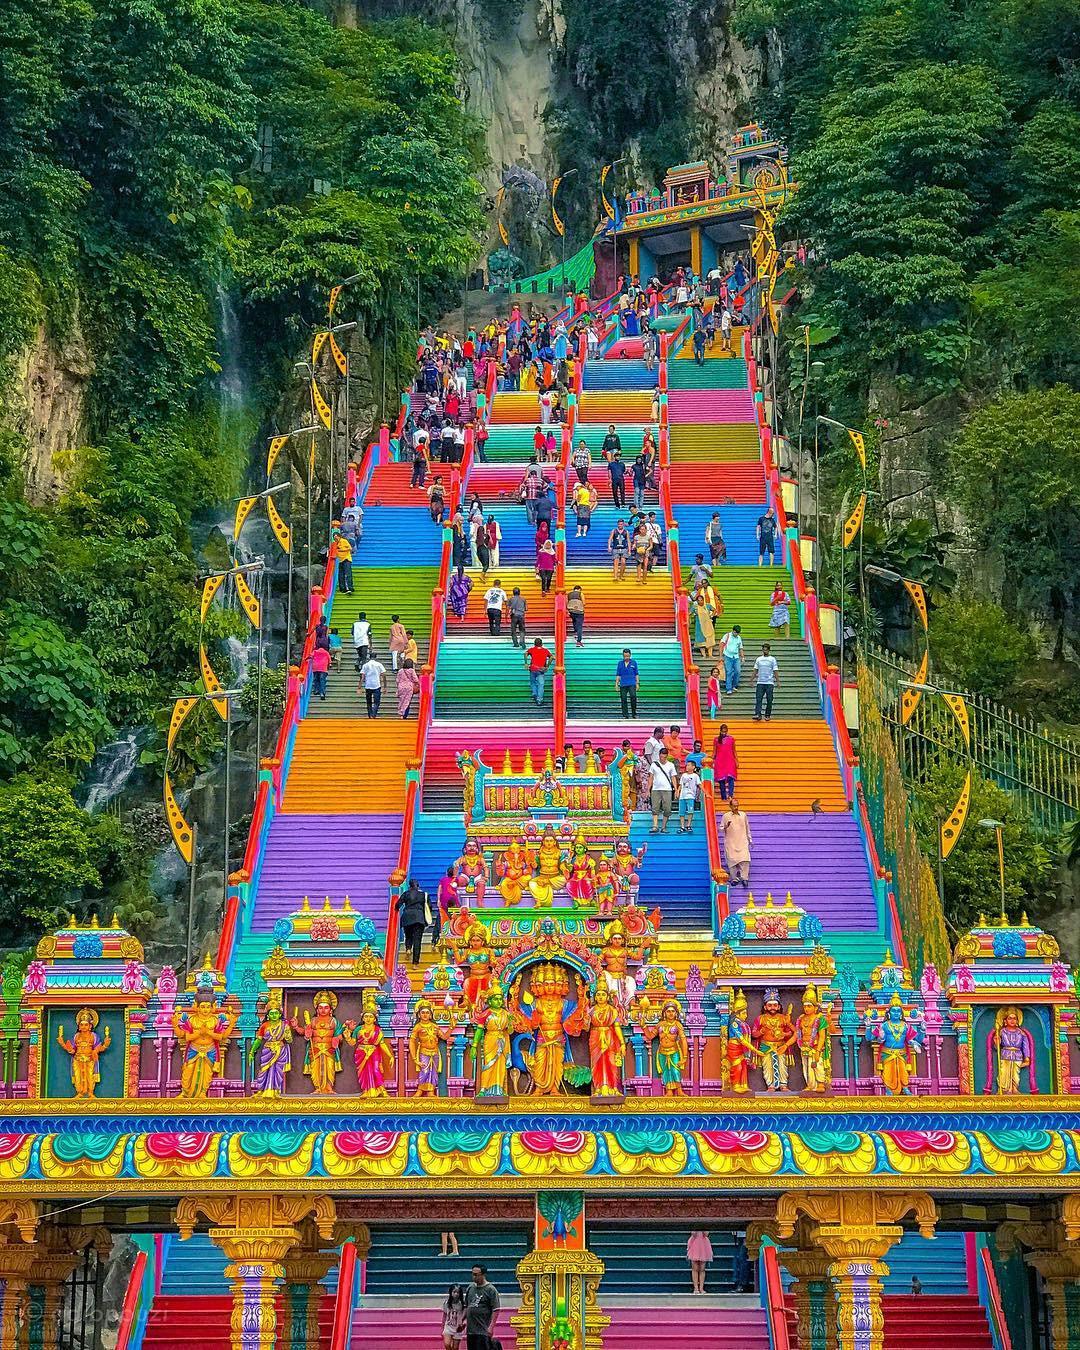 Dân sành sống ảo đang đổ xô check-in tại cầu thang 7 sắc cầu vồng đẹp như lối vào thiên đường - Ảnh 10.